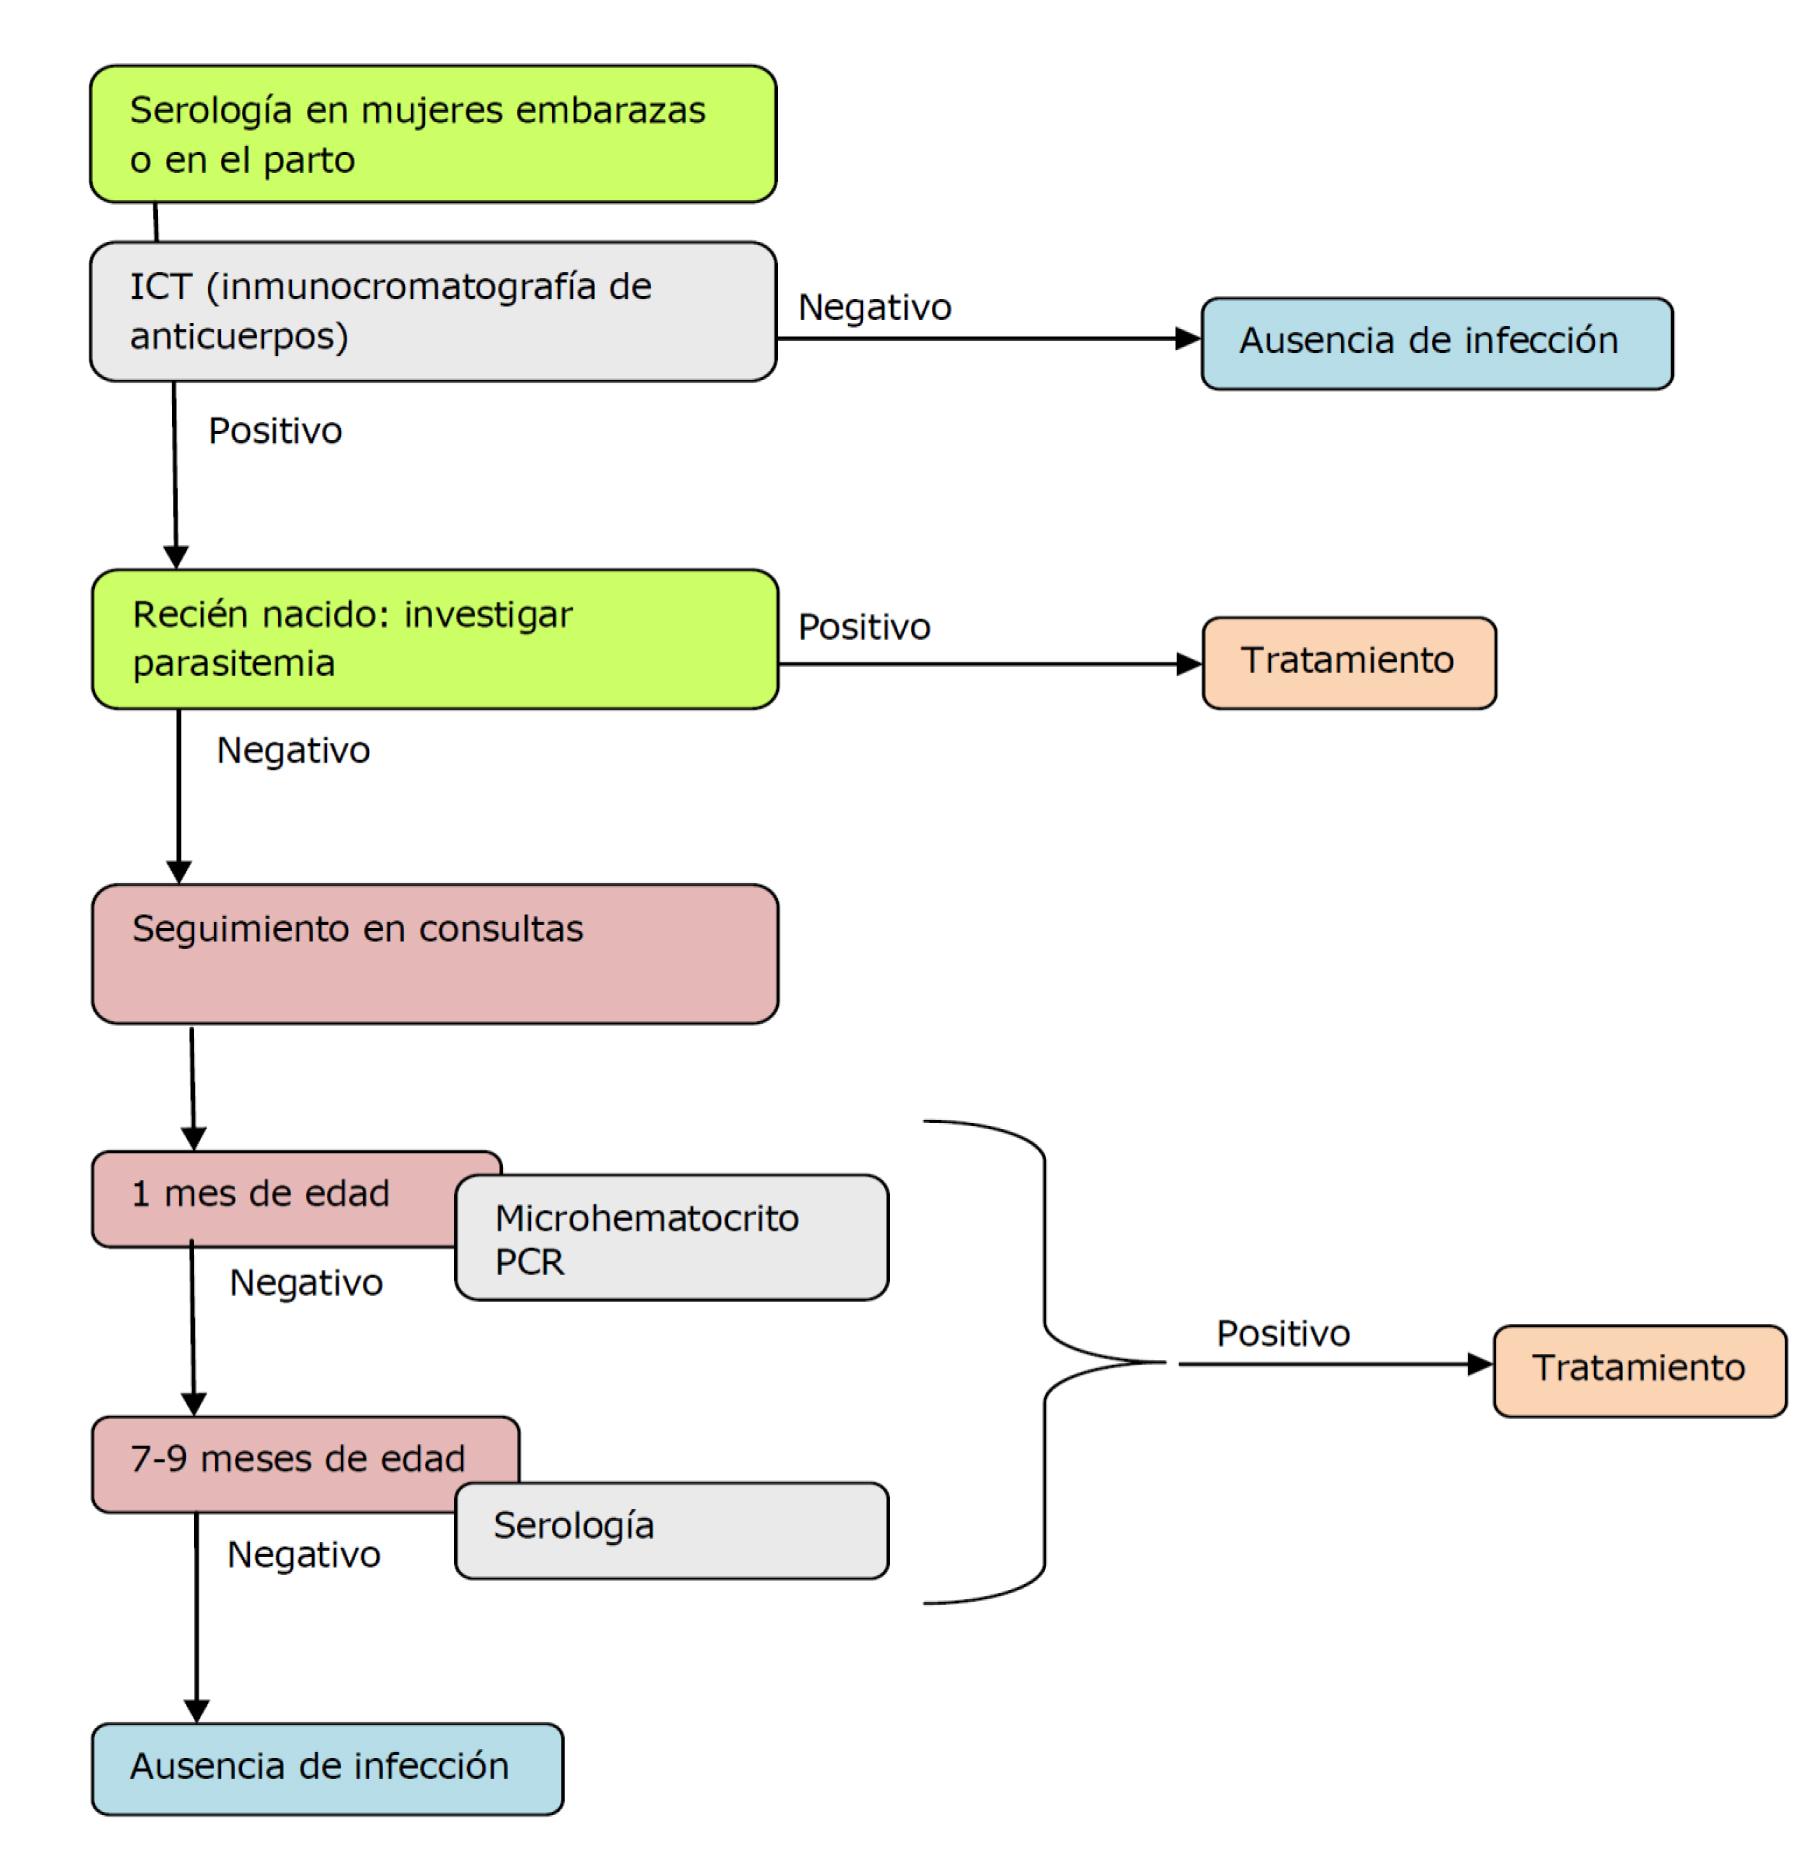 diagnostico de enfermedad de chagas en fase cronica